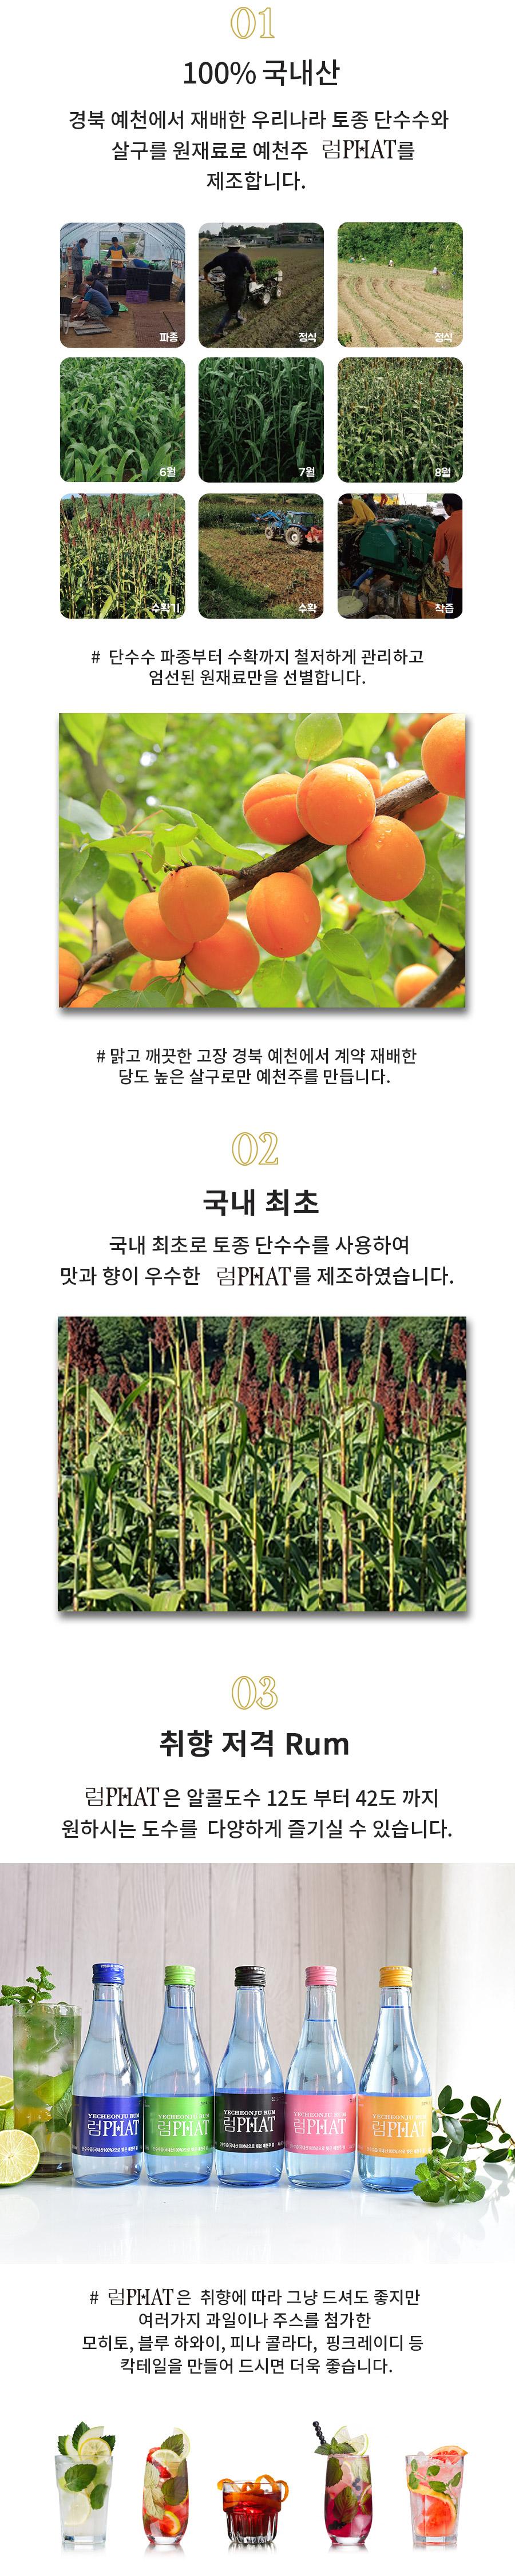 09-럼-블랙_02.jpg